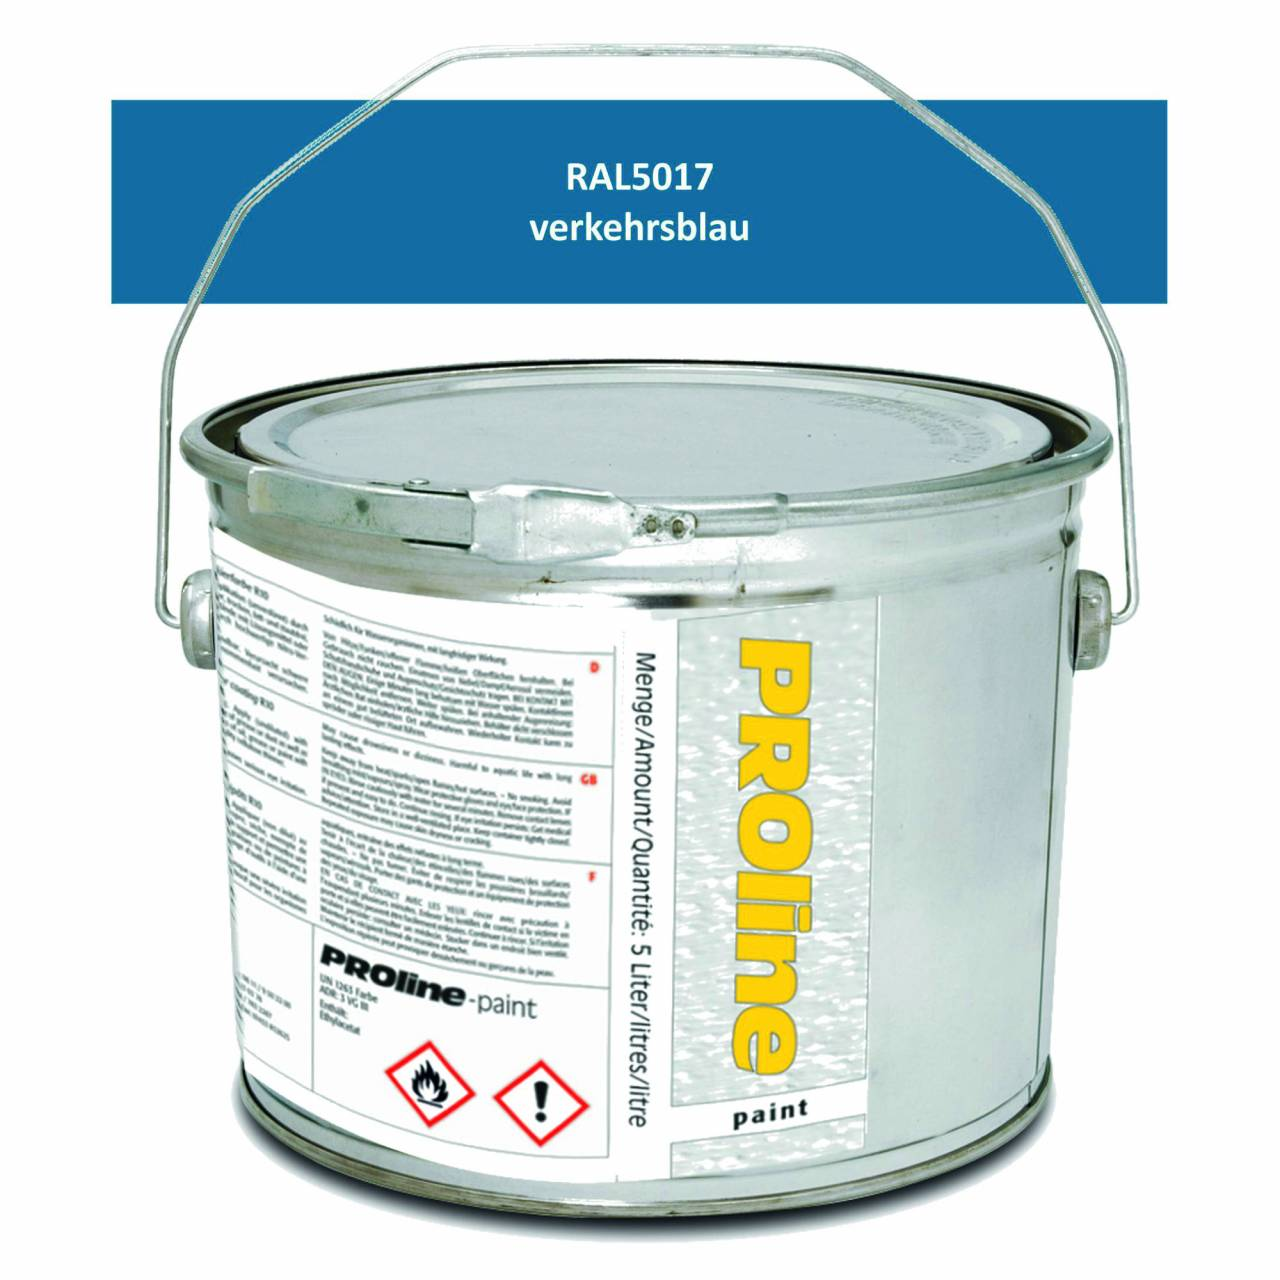 Antirutsch-Markierfarbe 'PROline-paint' BLAU / Eimer a 5,0 Liter